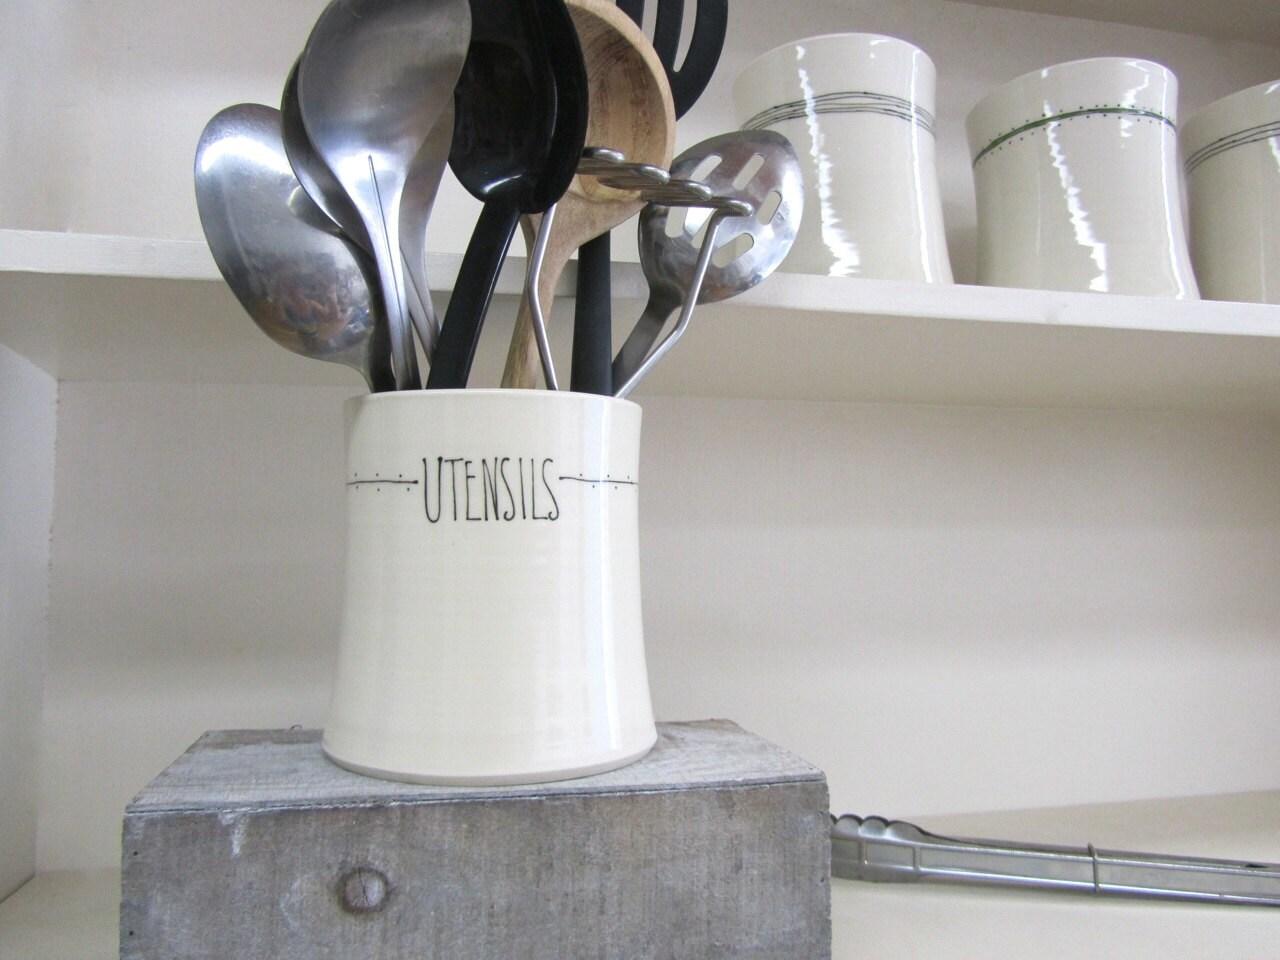 Stripe dot kitchen utensil holder for Kitchen utensil holder